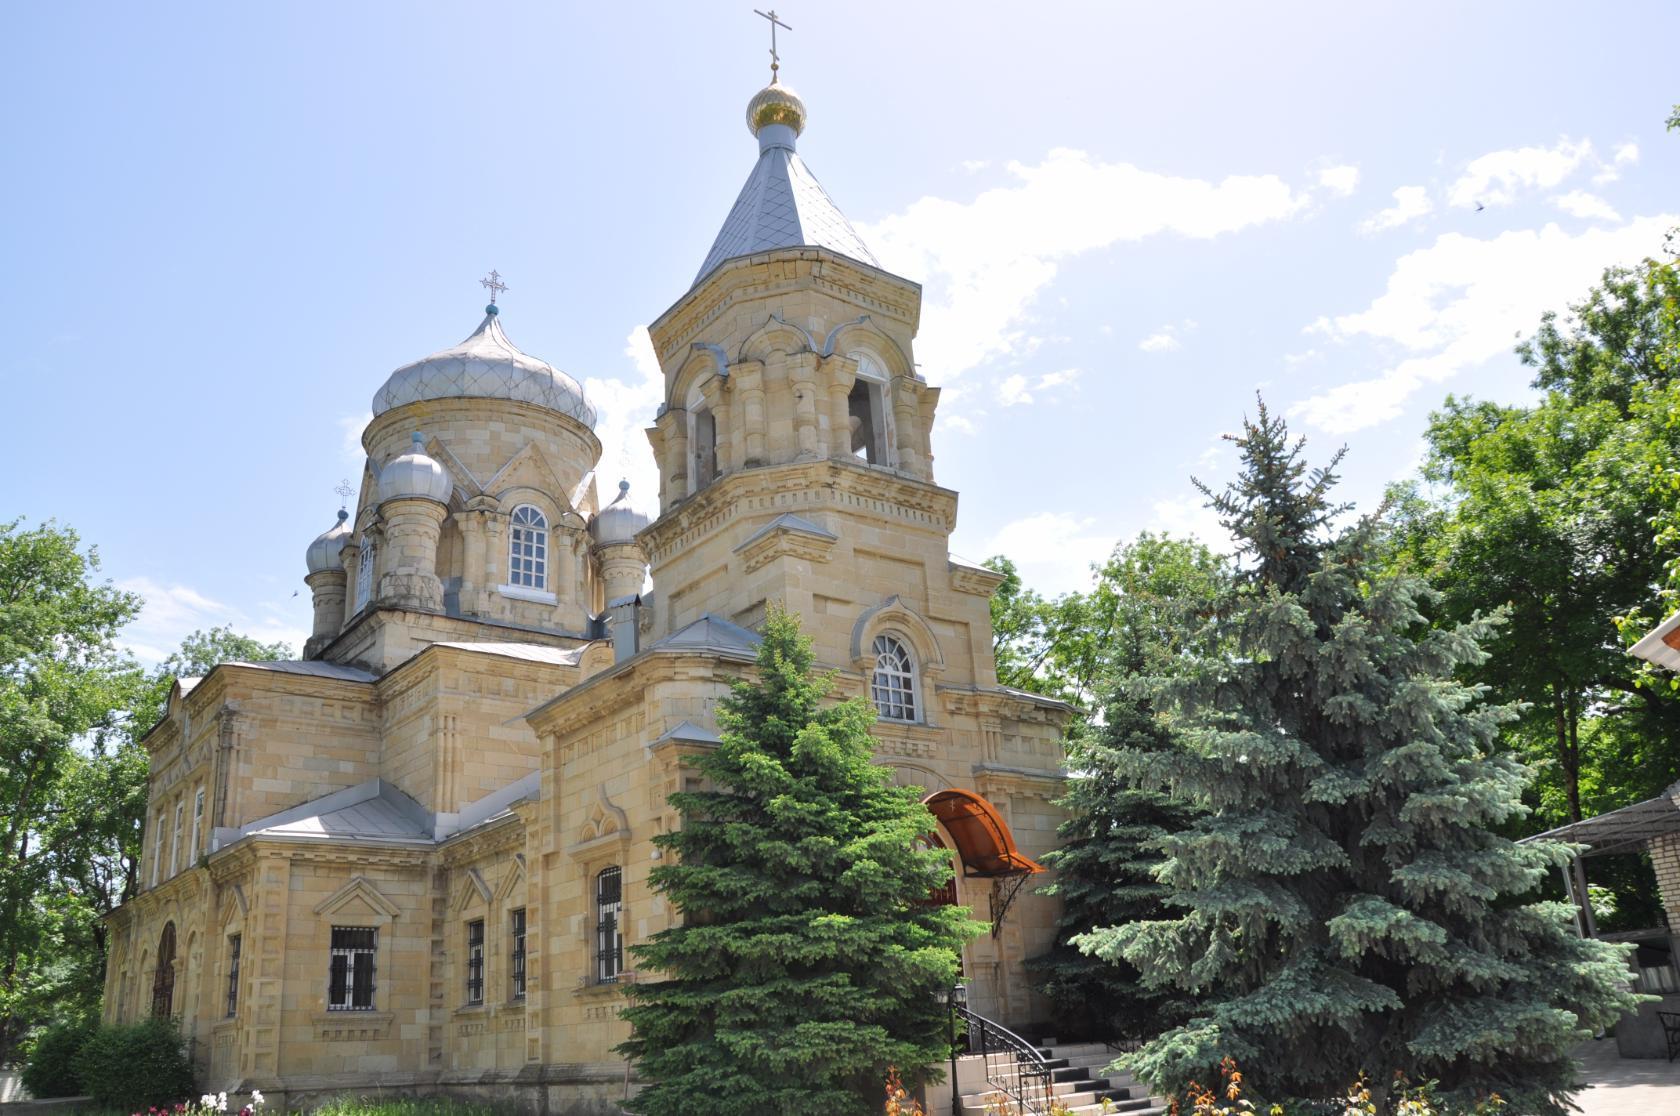 Несовершеннолетний из Черкесска ограбил храм